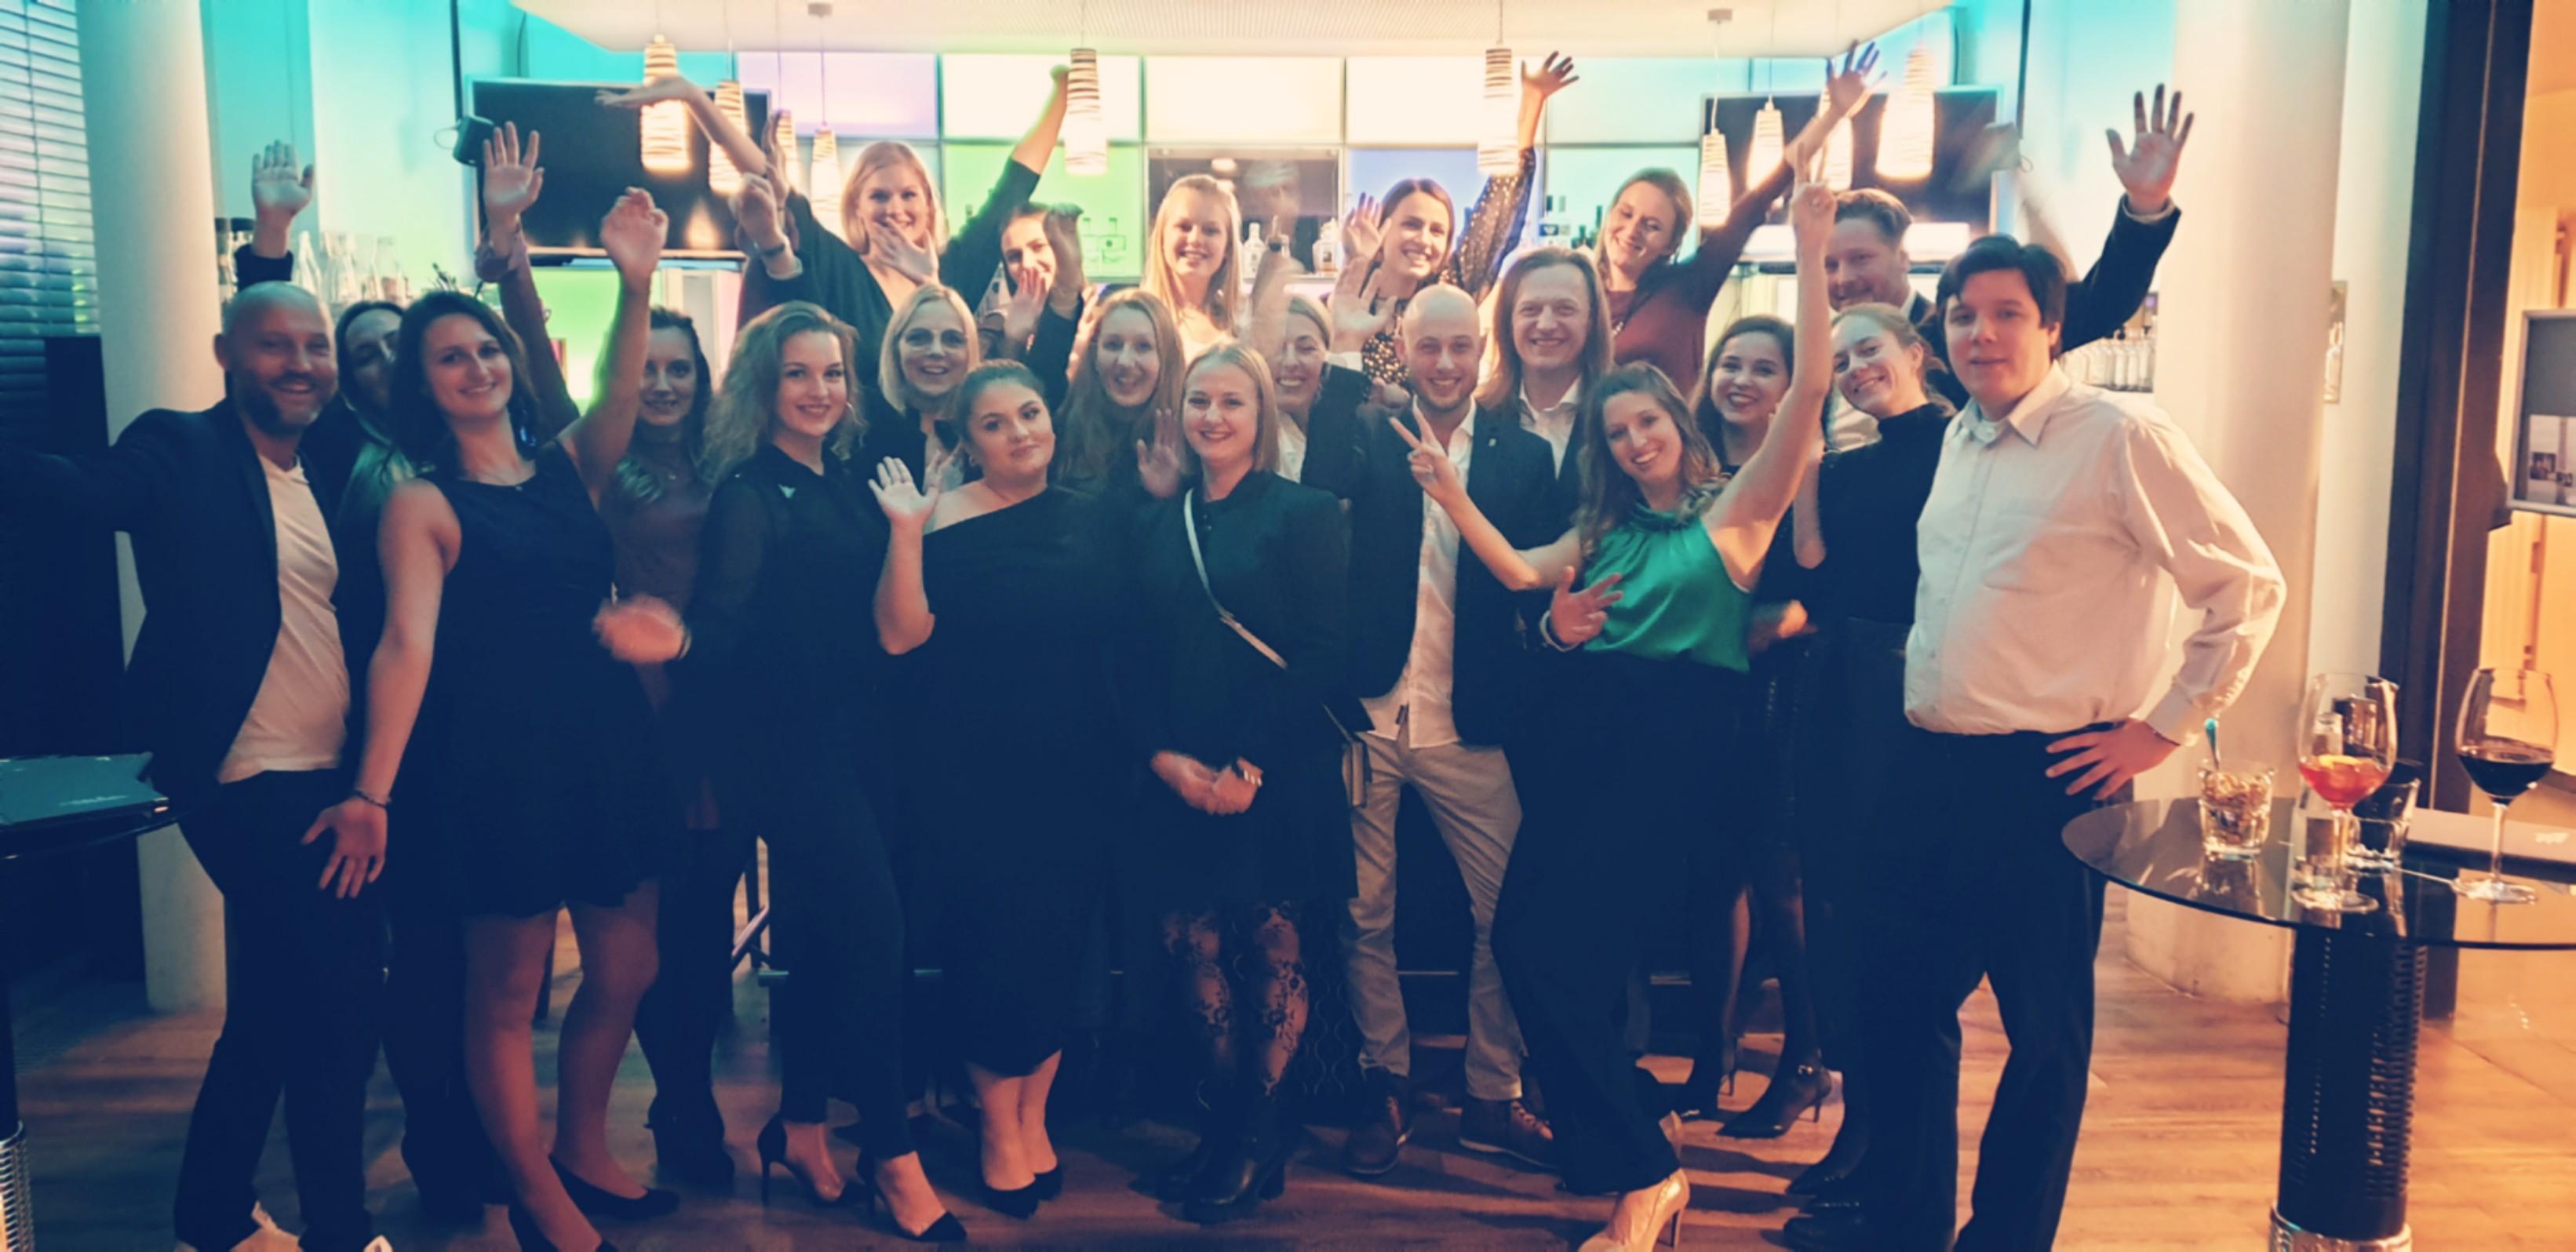 Weihnachtsfeier: seminargo Team in Feierlaune